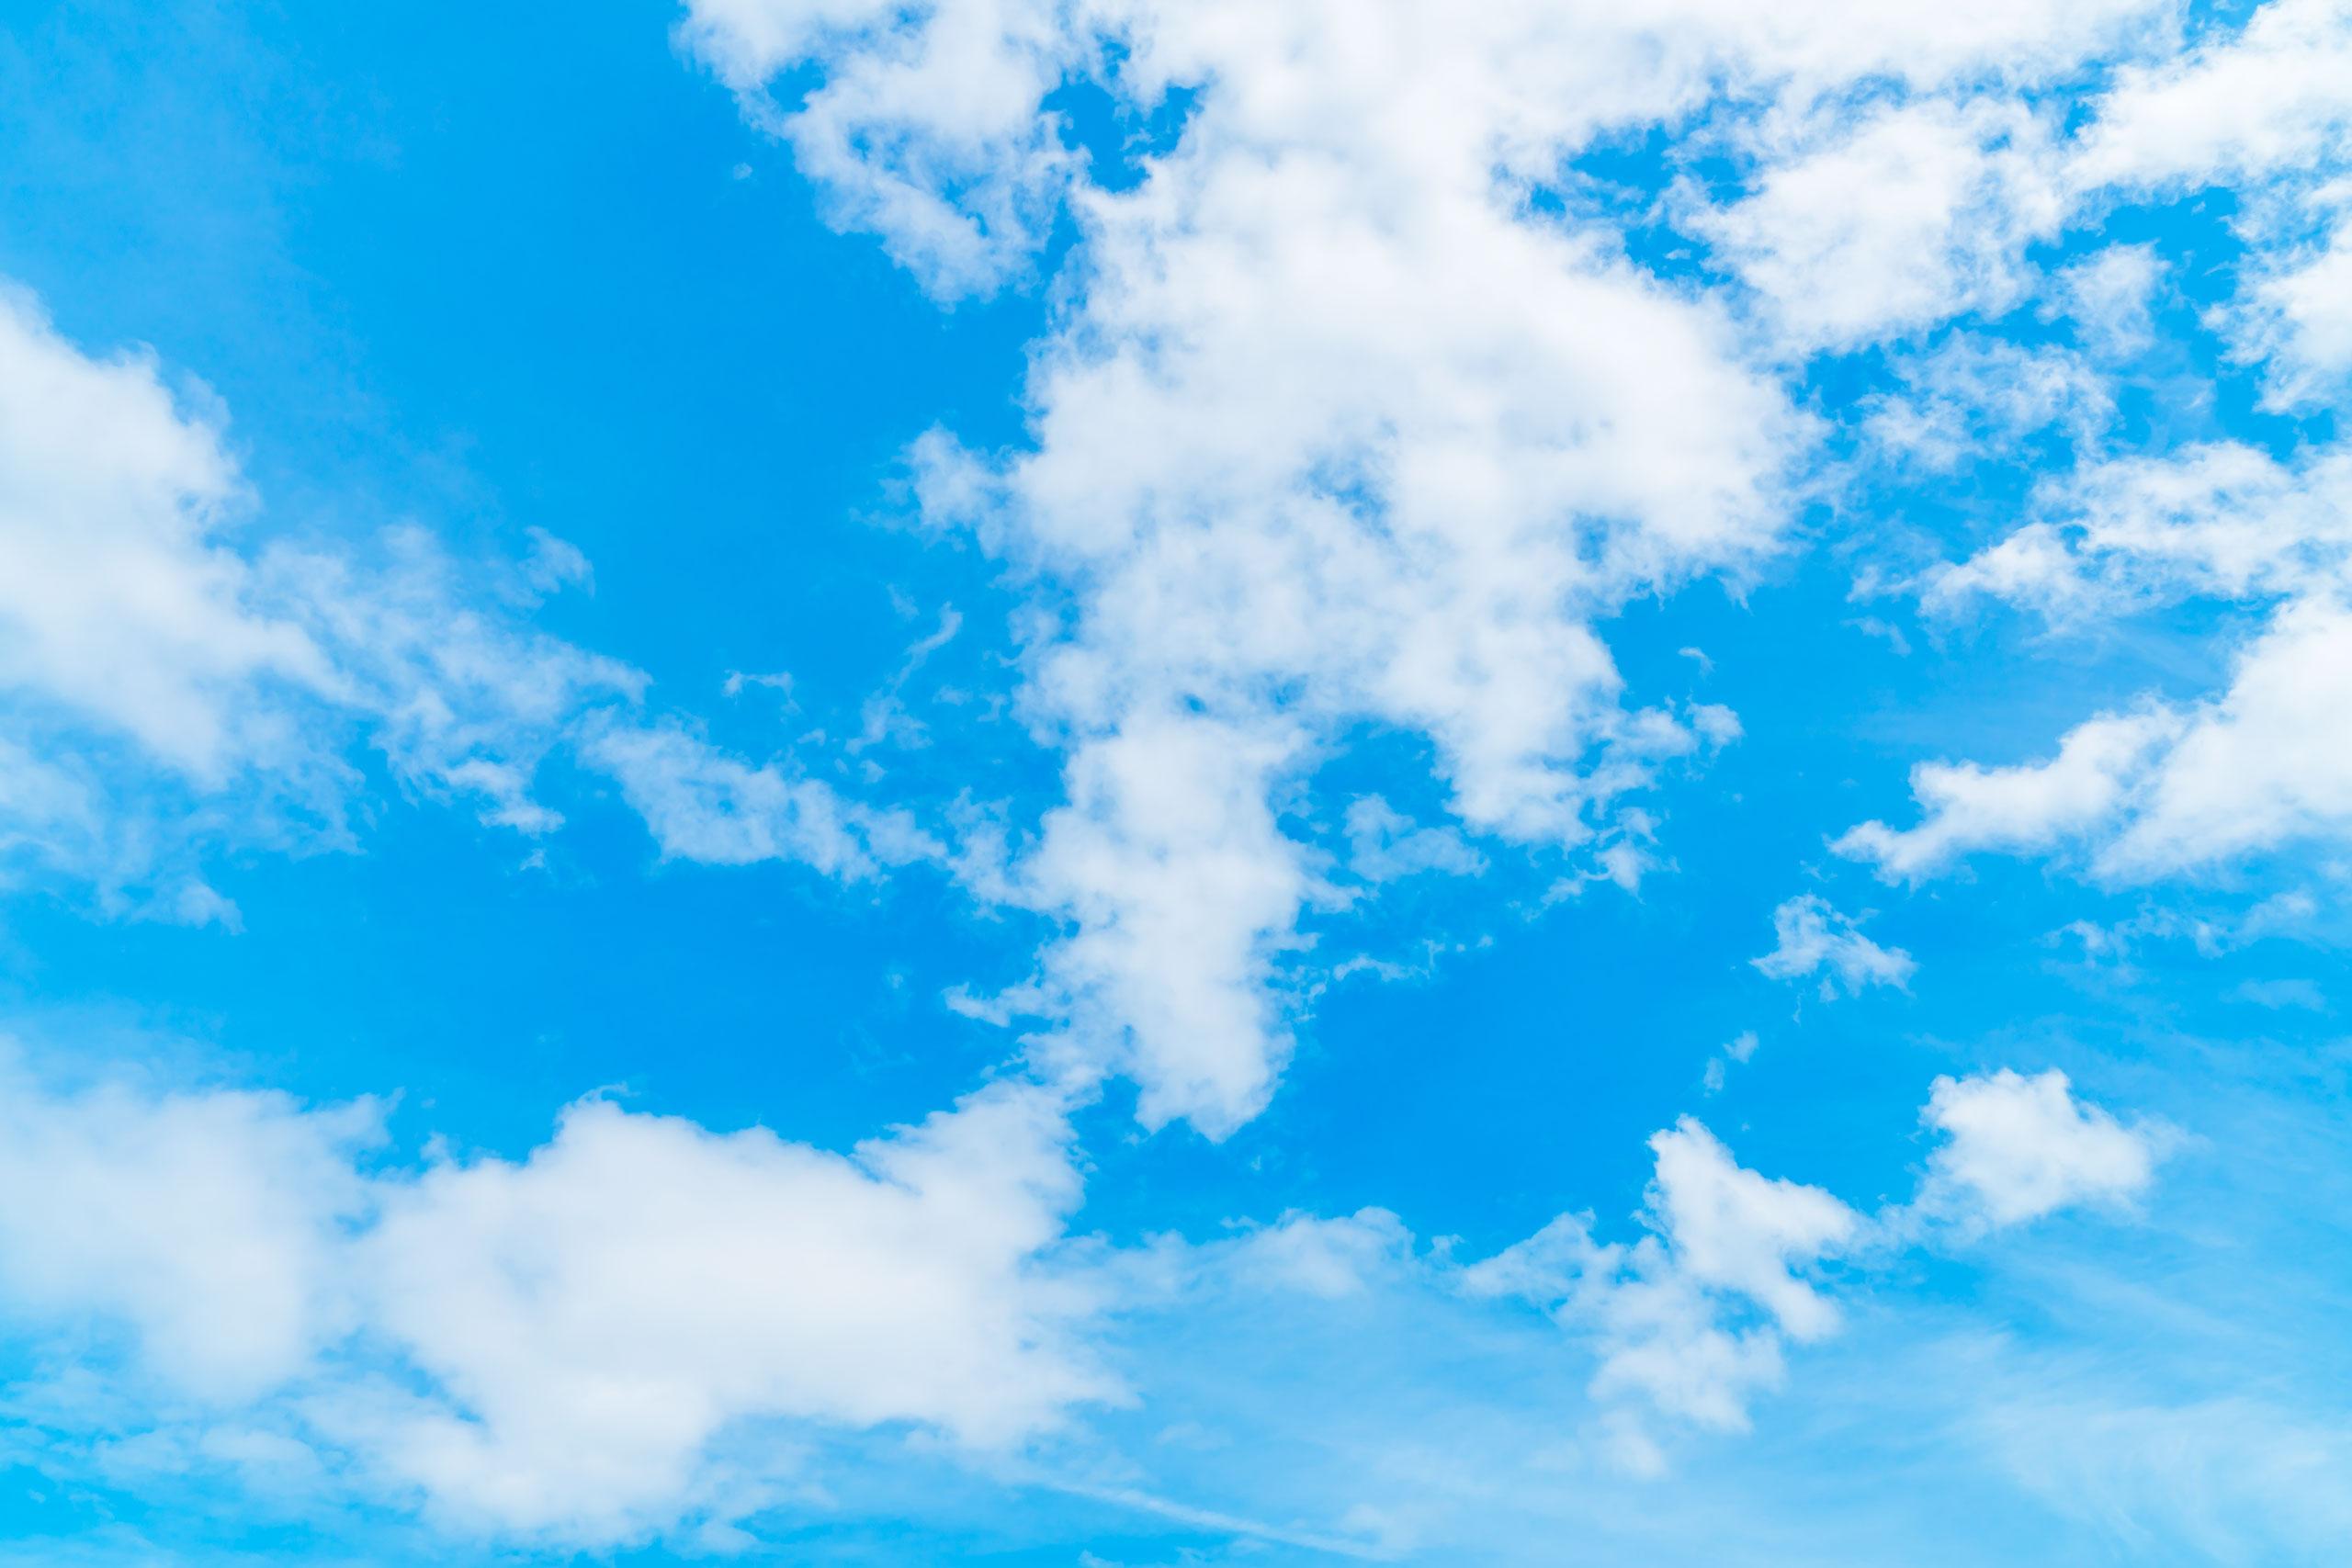 Фотография голубого неба с облаками для фотошопа.